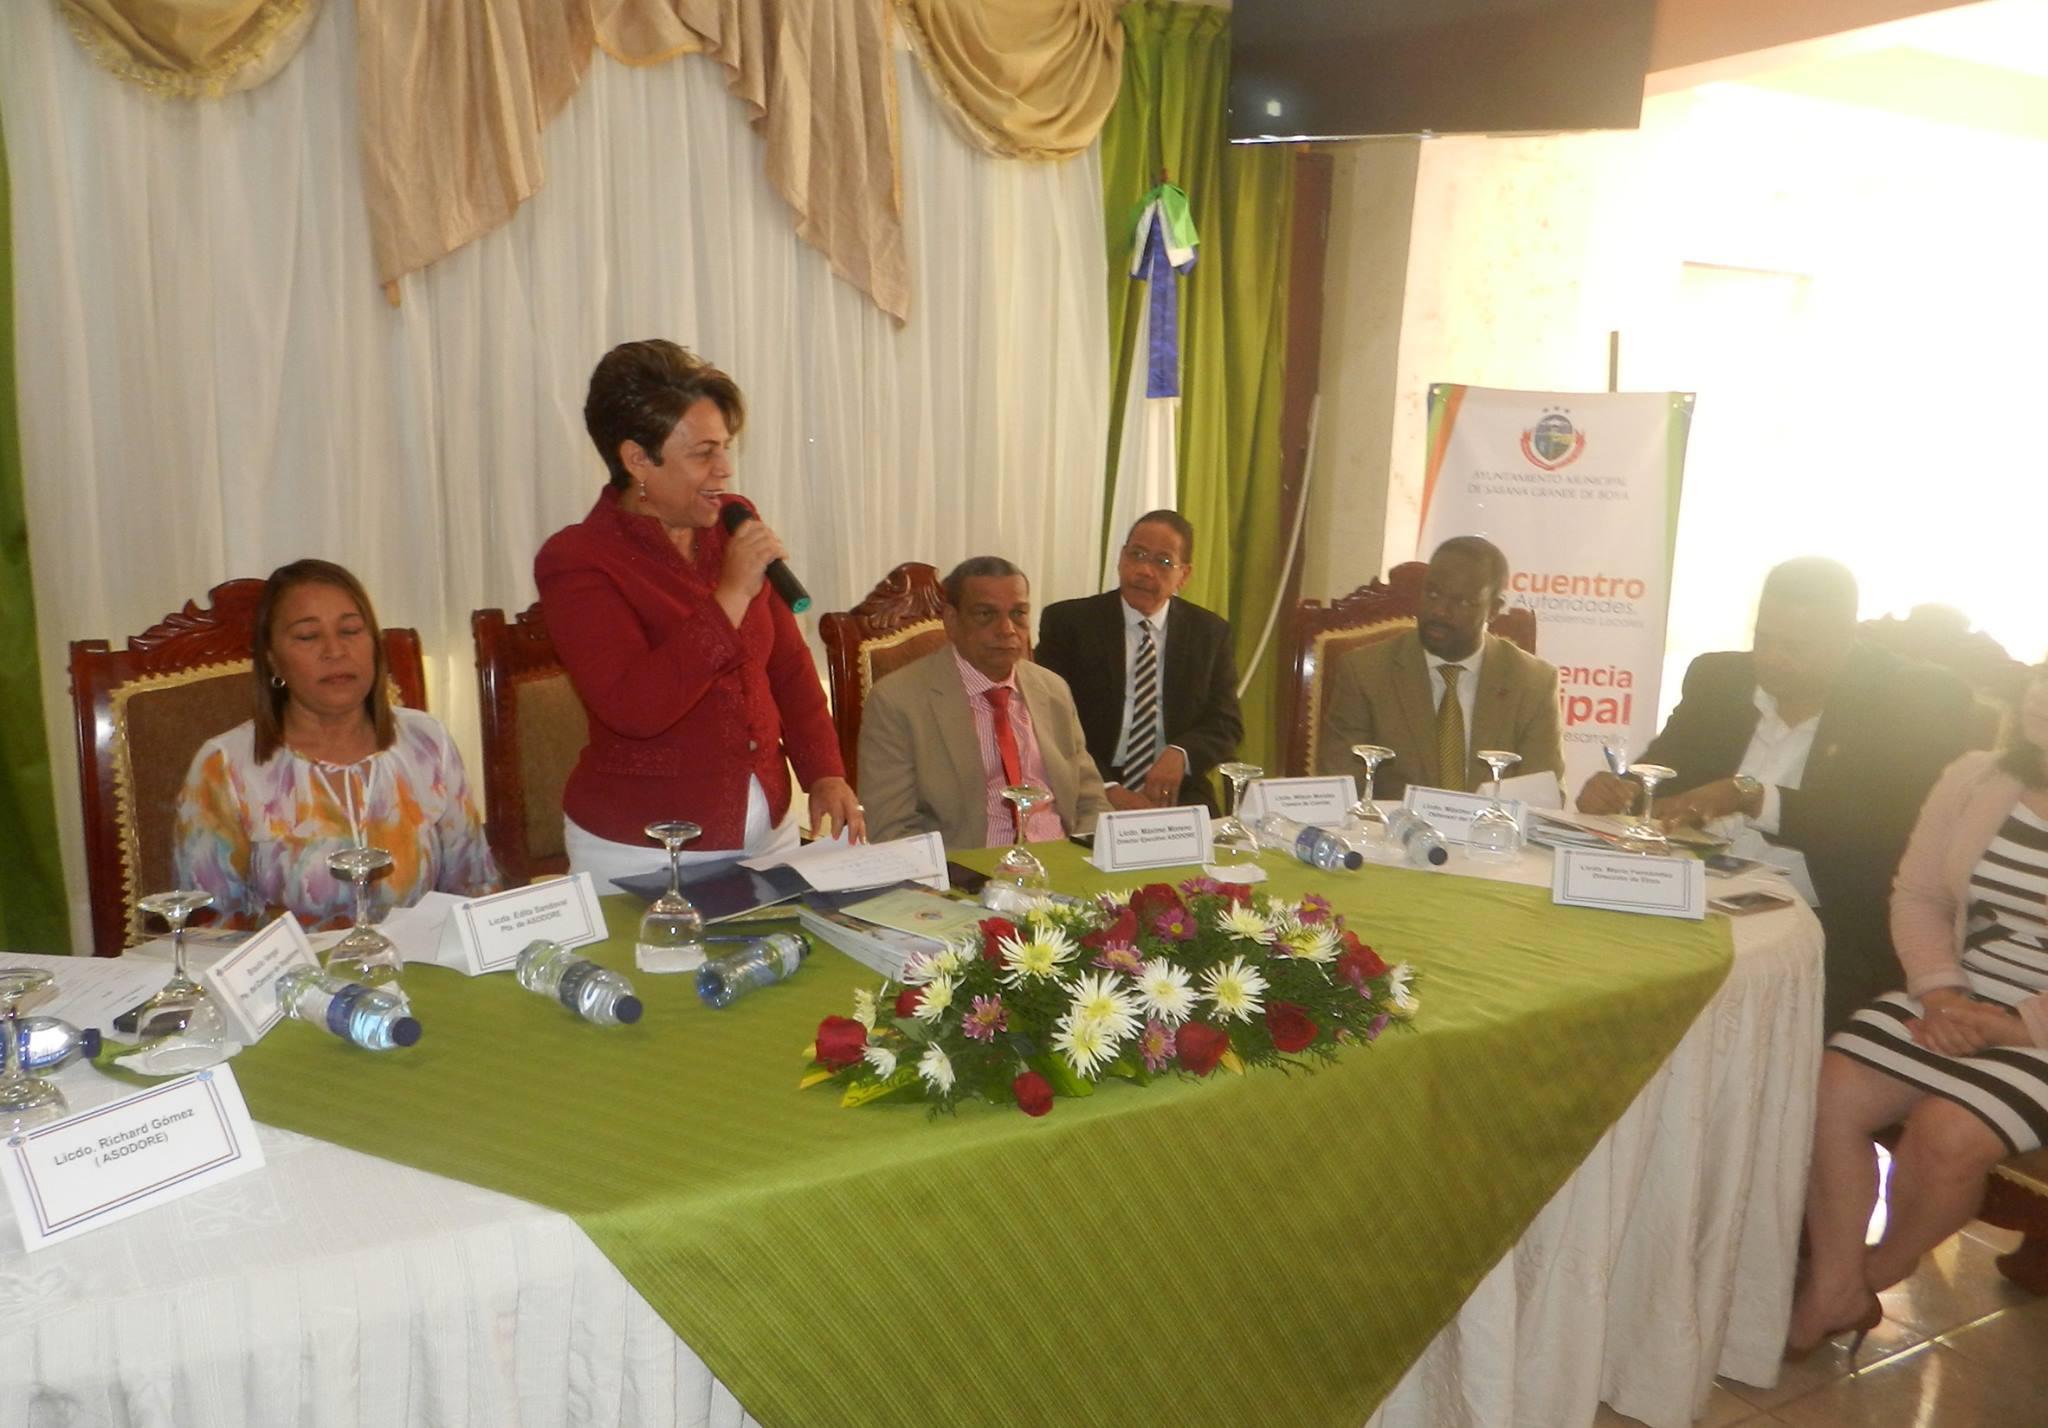 Celebran segundo encuentro de gobiernos locales, autoridades y sociedad civil